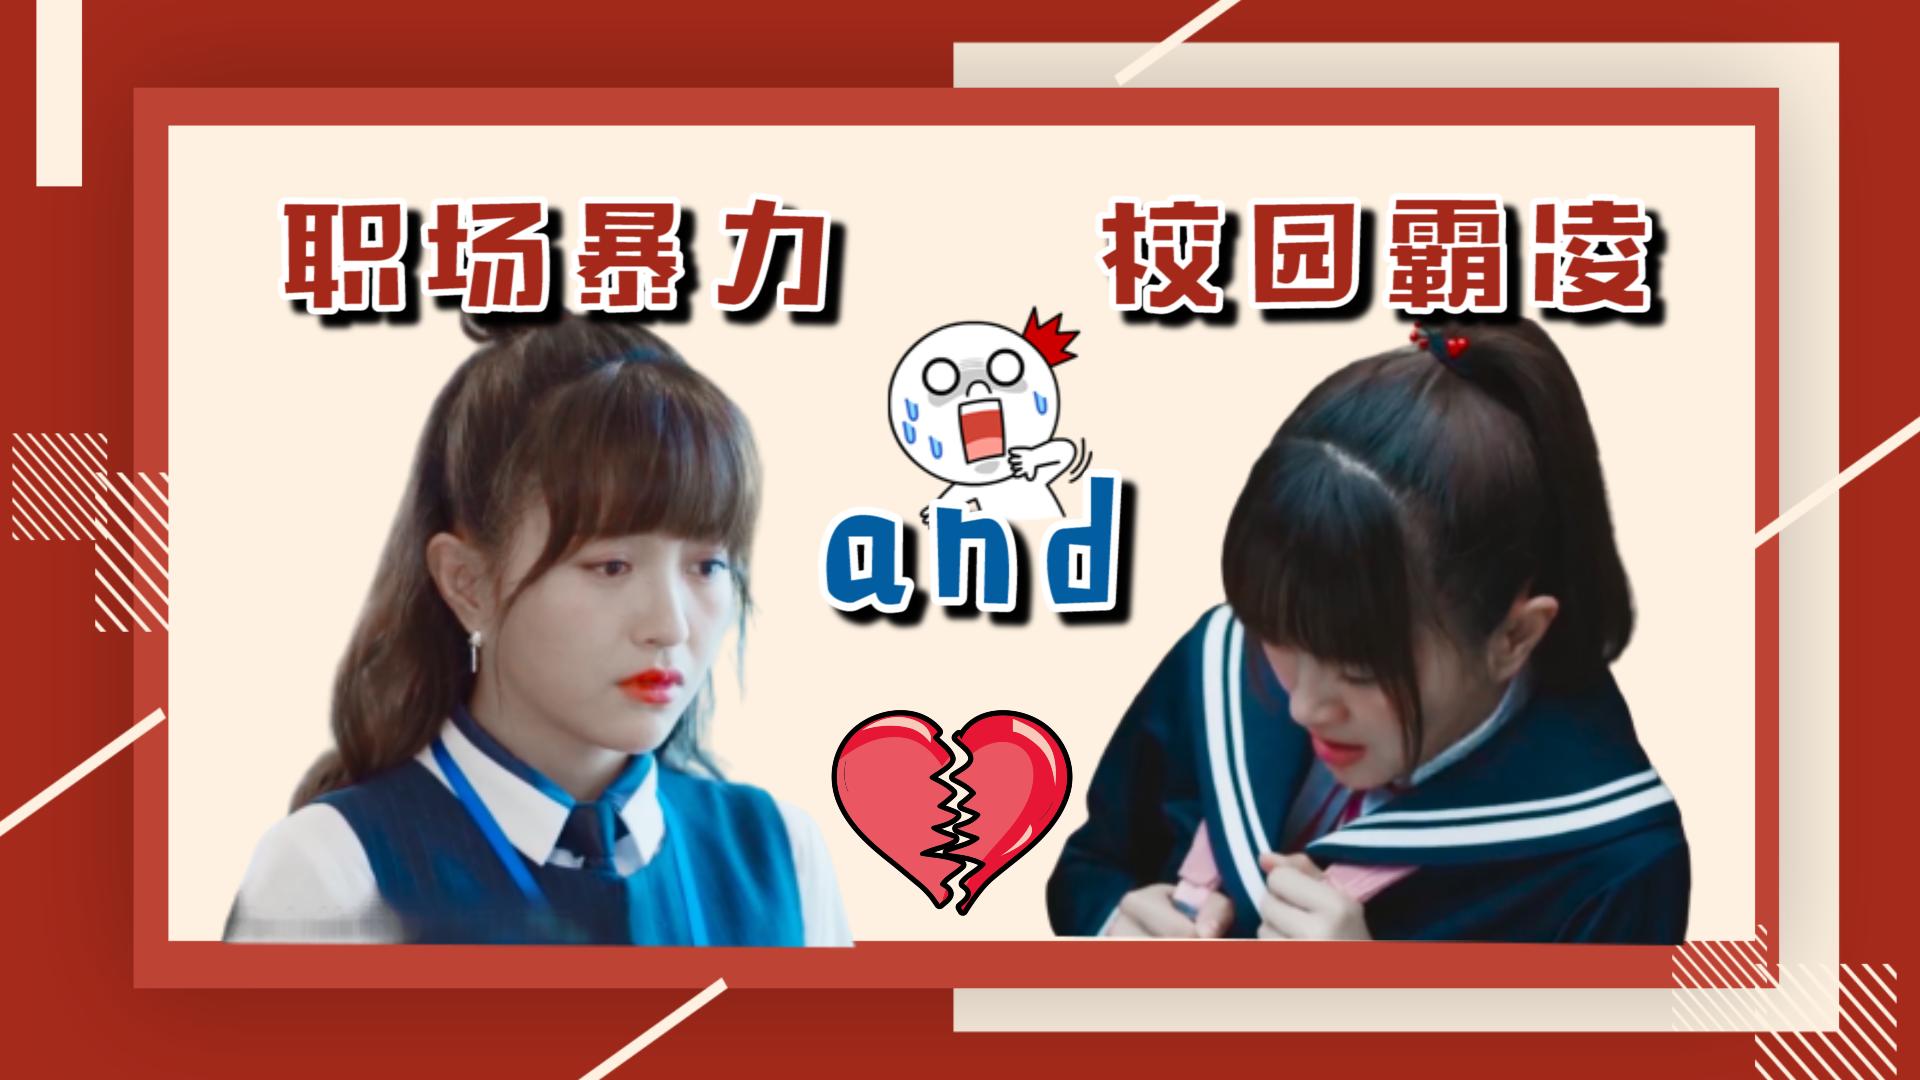 《刺》面对校园霸凌和职场暴力,刘涛选择了逃离